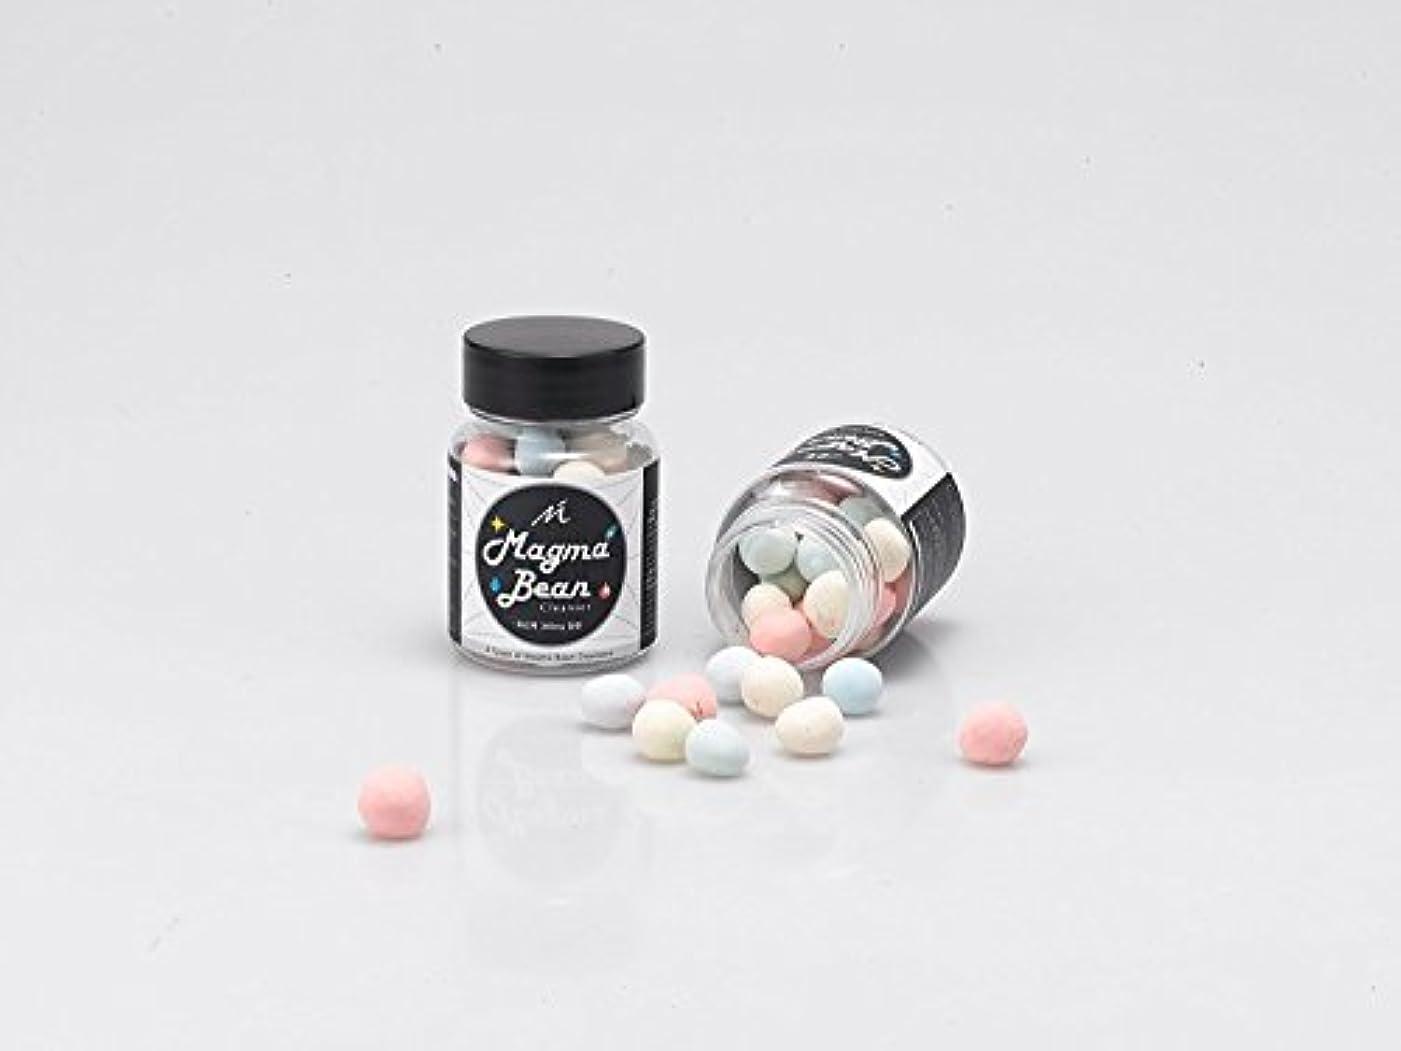 状態ダム講堂NMC マグマ ビーン ソリッド ソープ / Magma Bean Solid Soap (34g)